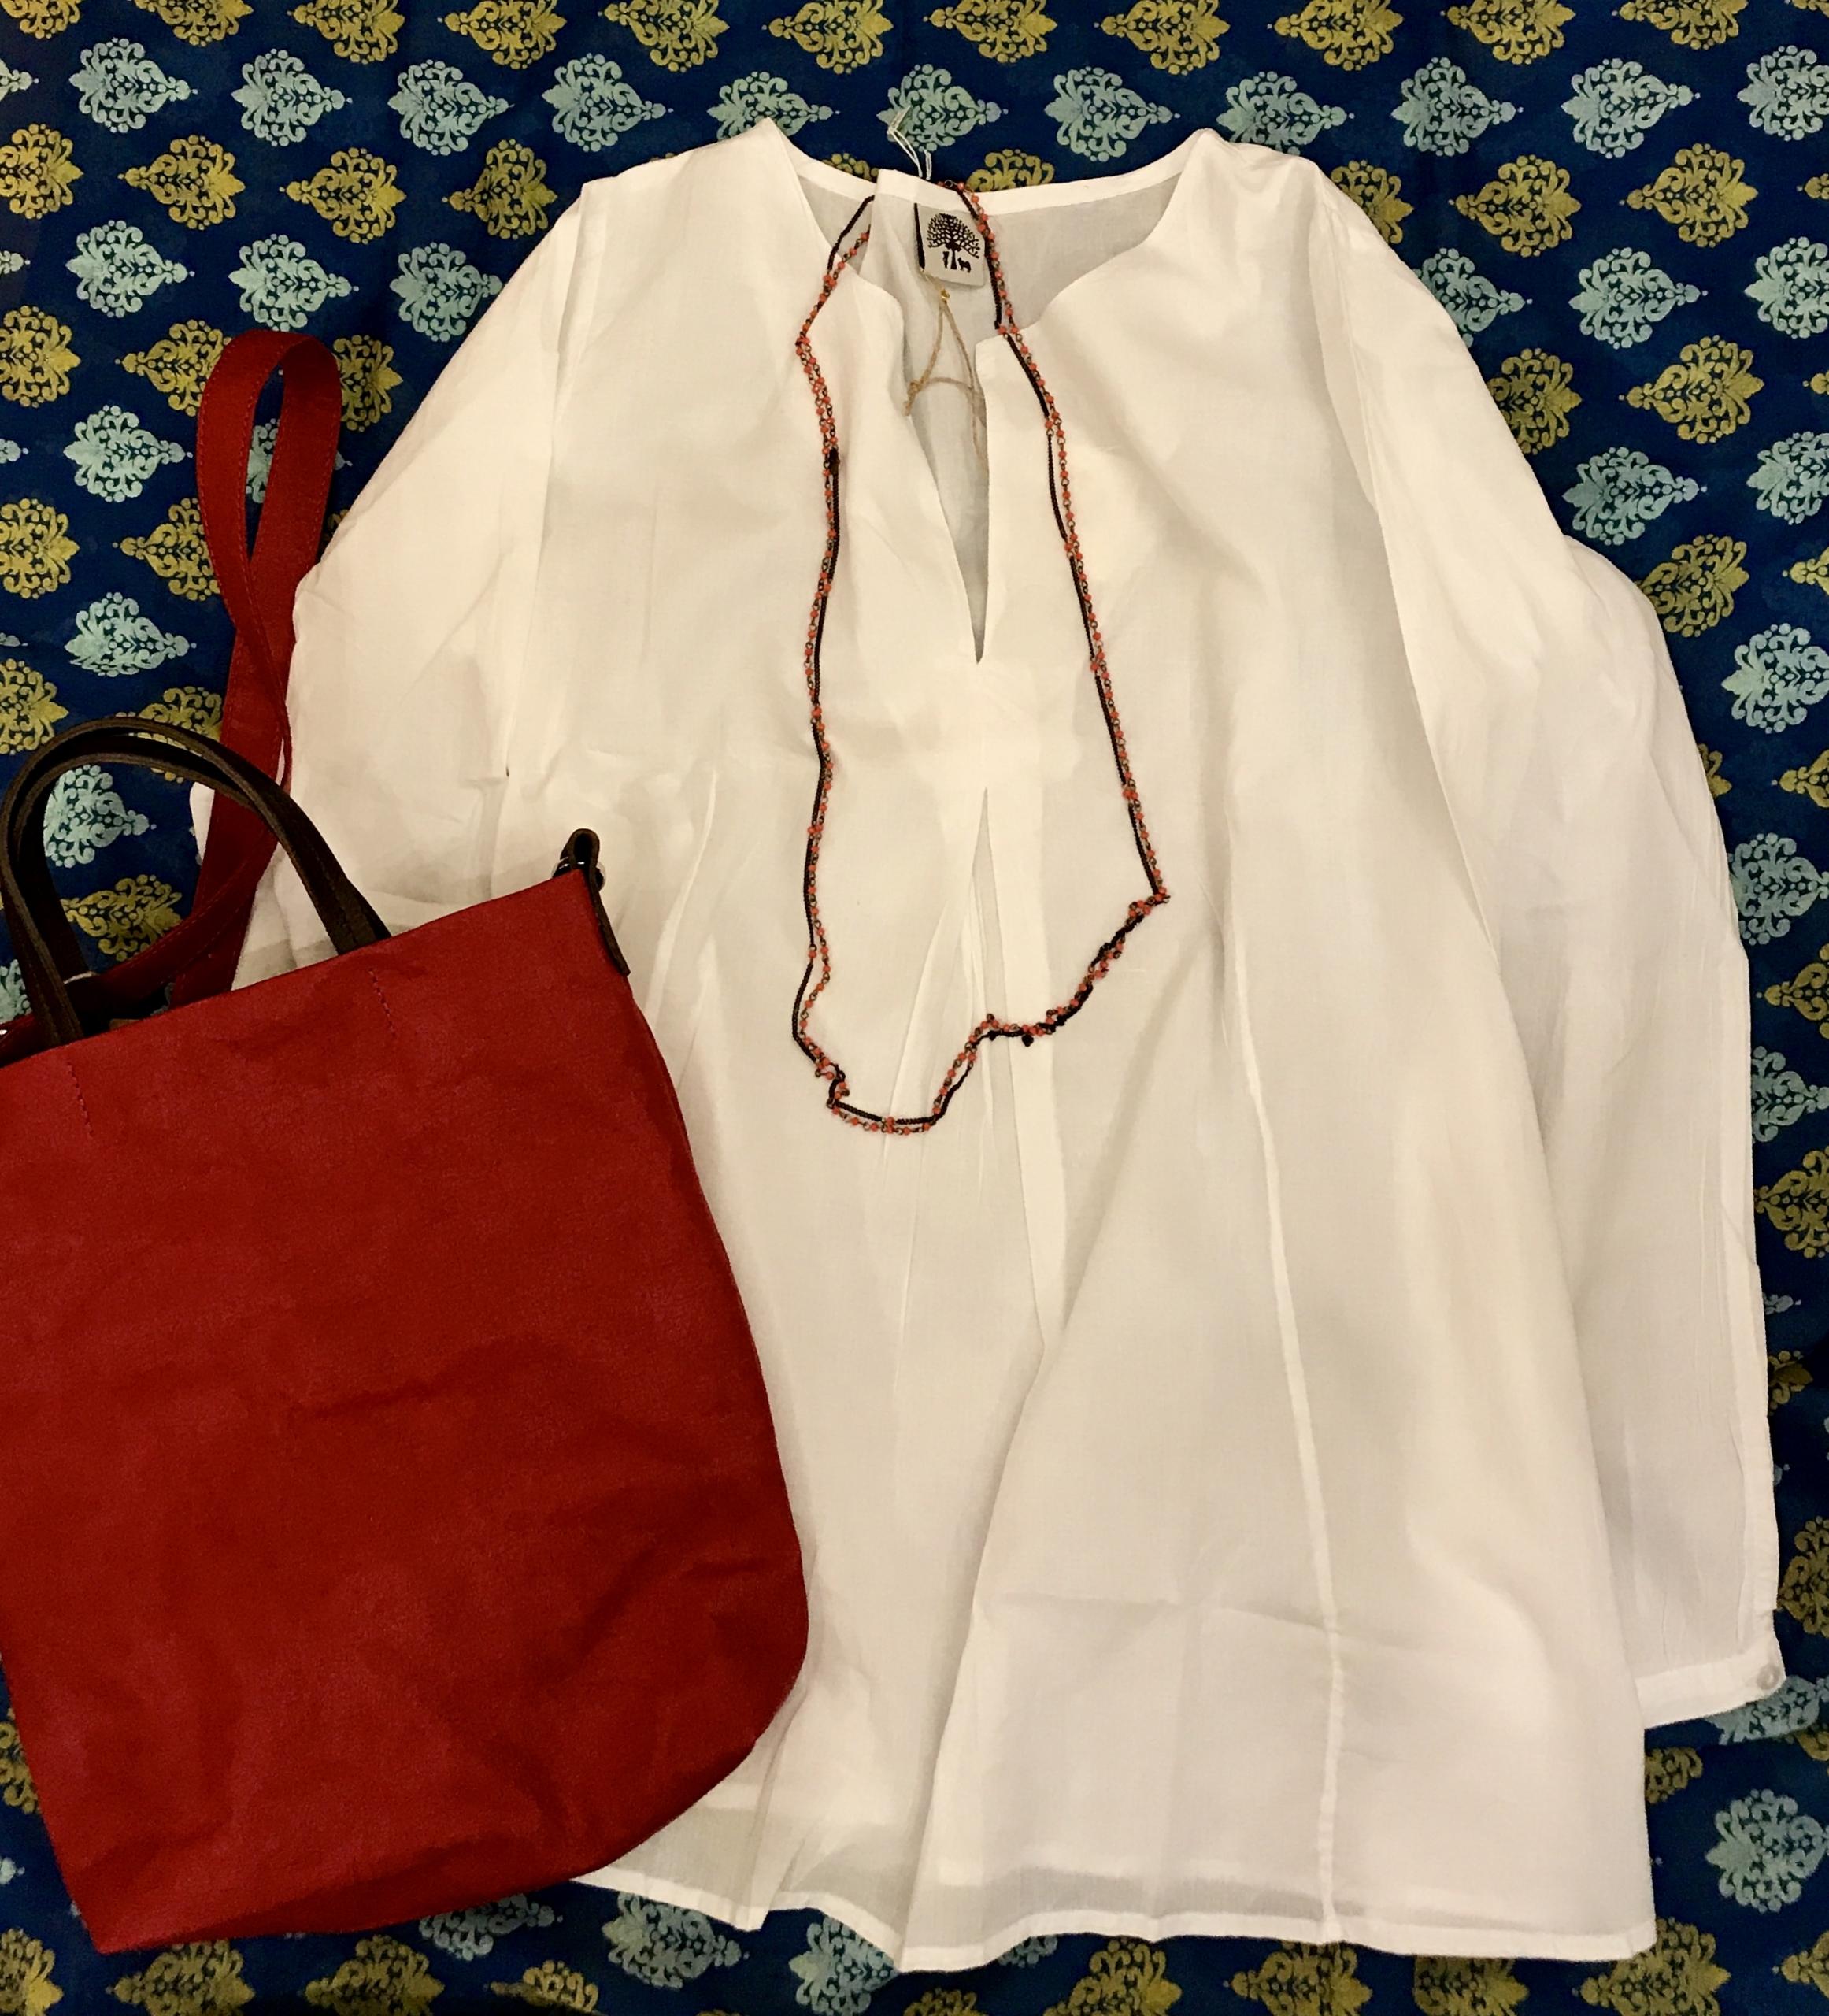 camicia - copricostume 100% cotone, borsa in carta lavabile, collana in rame con cristalli .